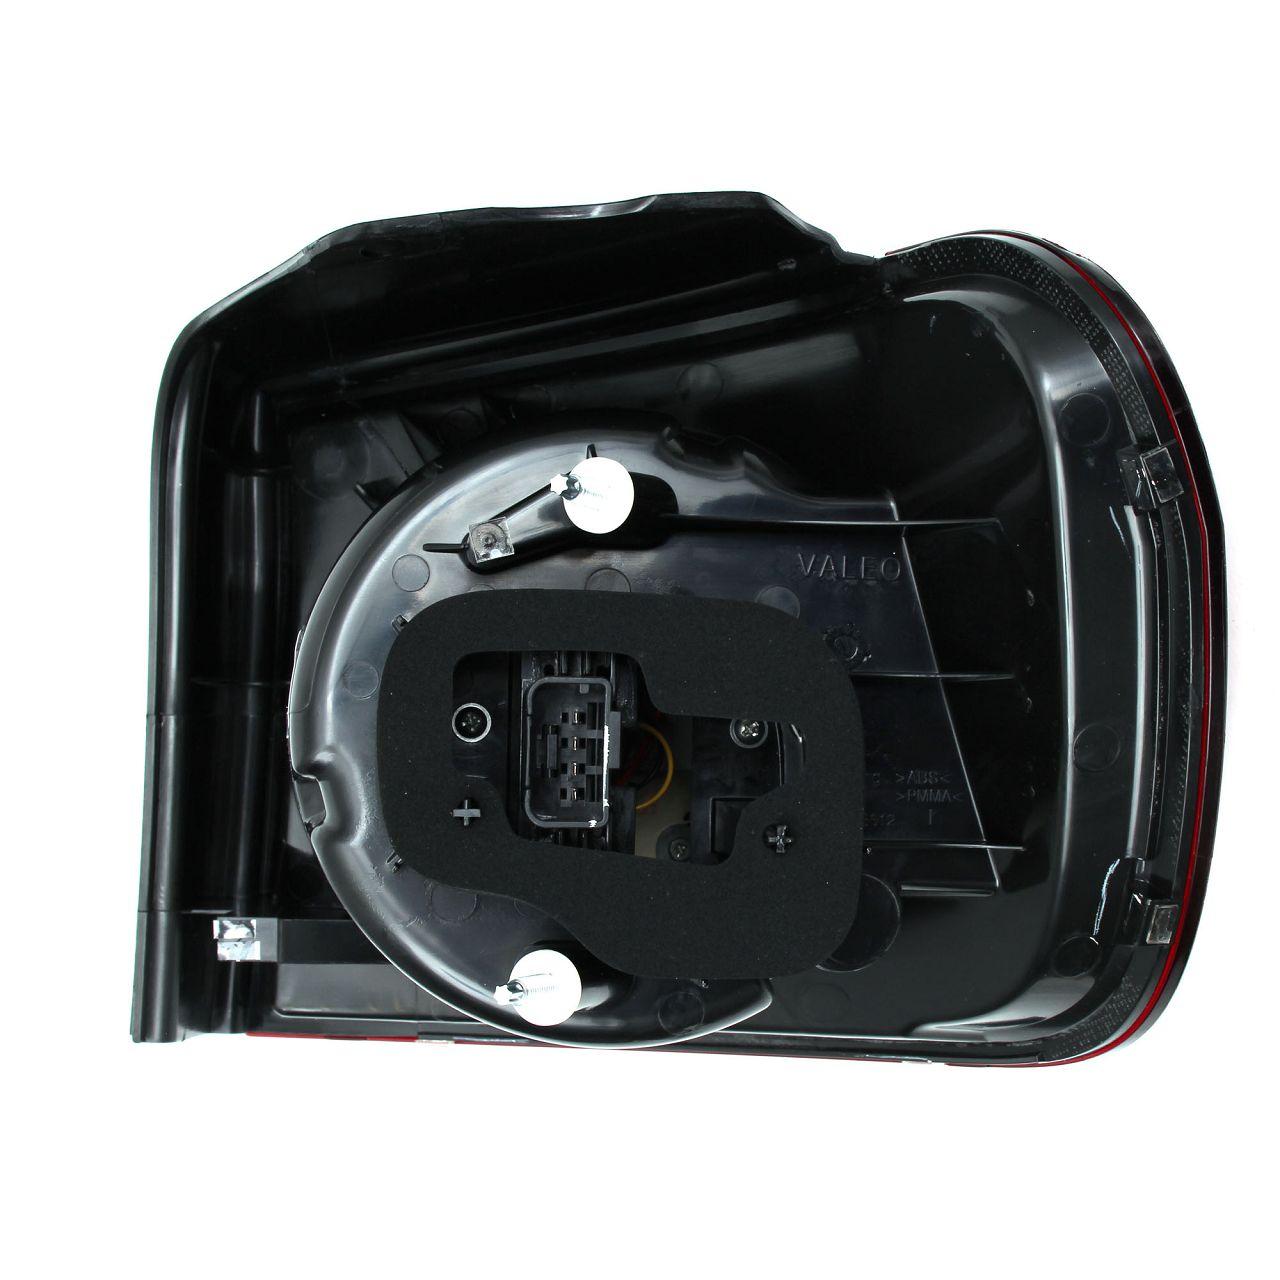 VALEO Rückleuchte LED für VW GOLF PLUS (5M1, 521) bis 2009 hinten außen links